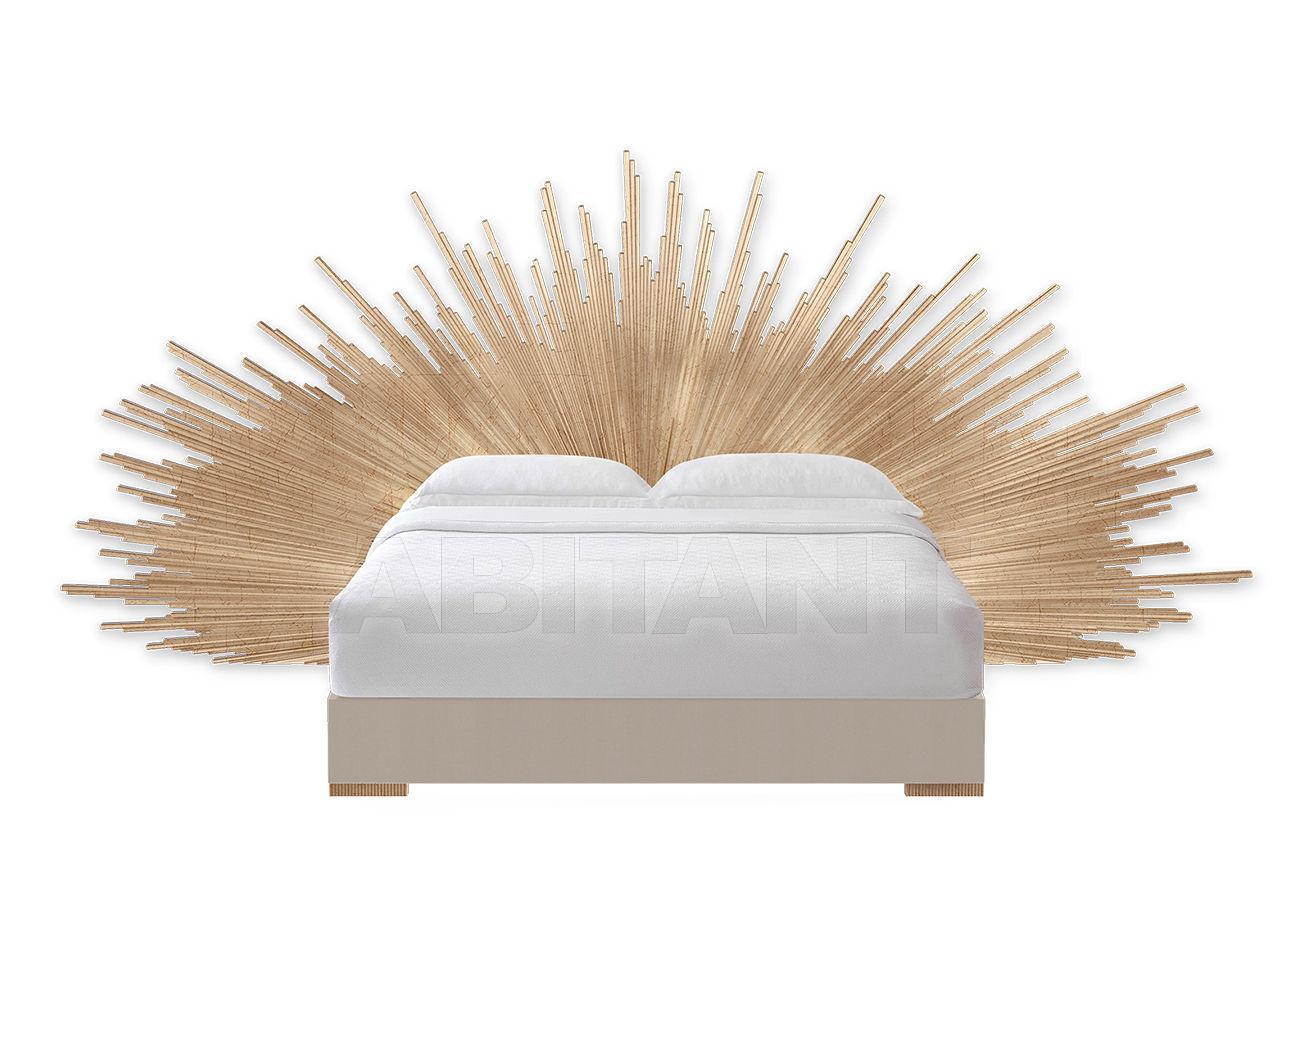 Купить Кровать Cosmopolitan Christopher Guy 2019 20-0614-A-CC